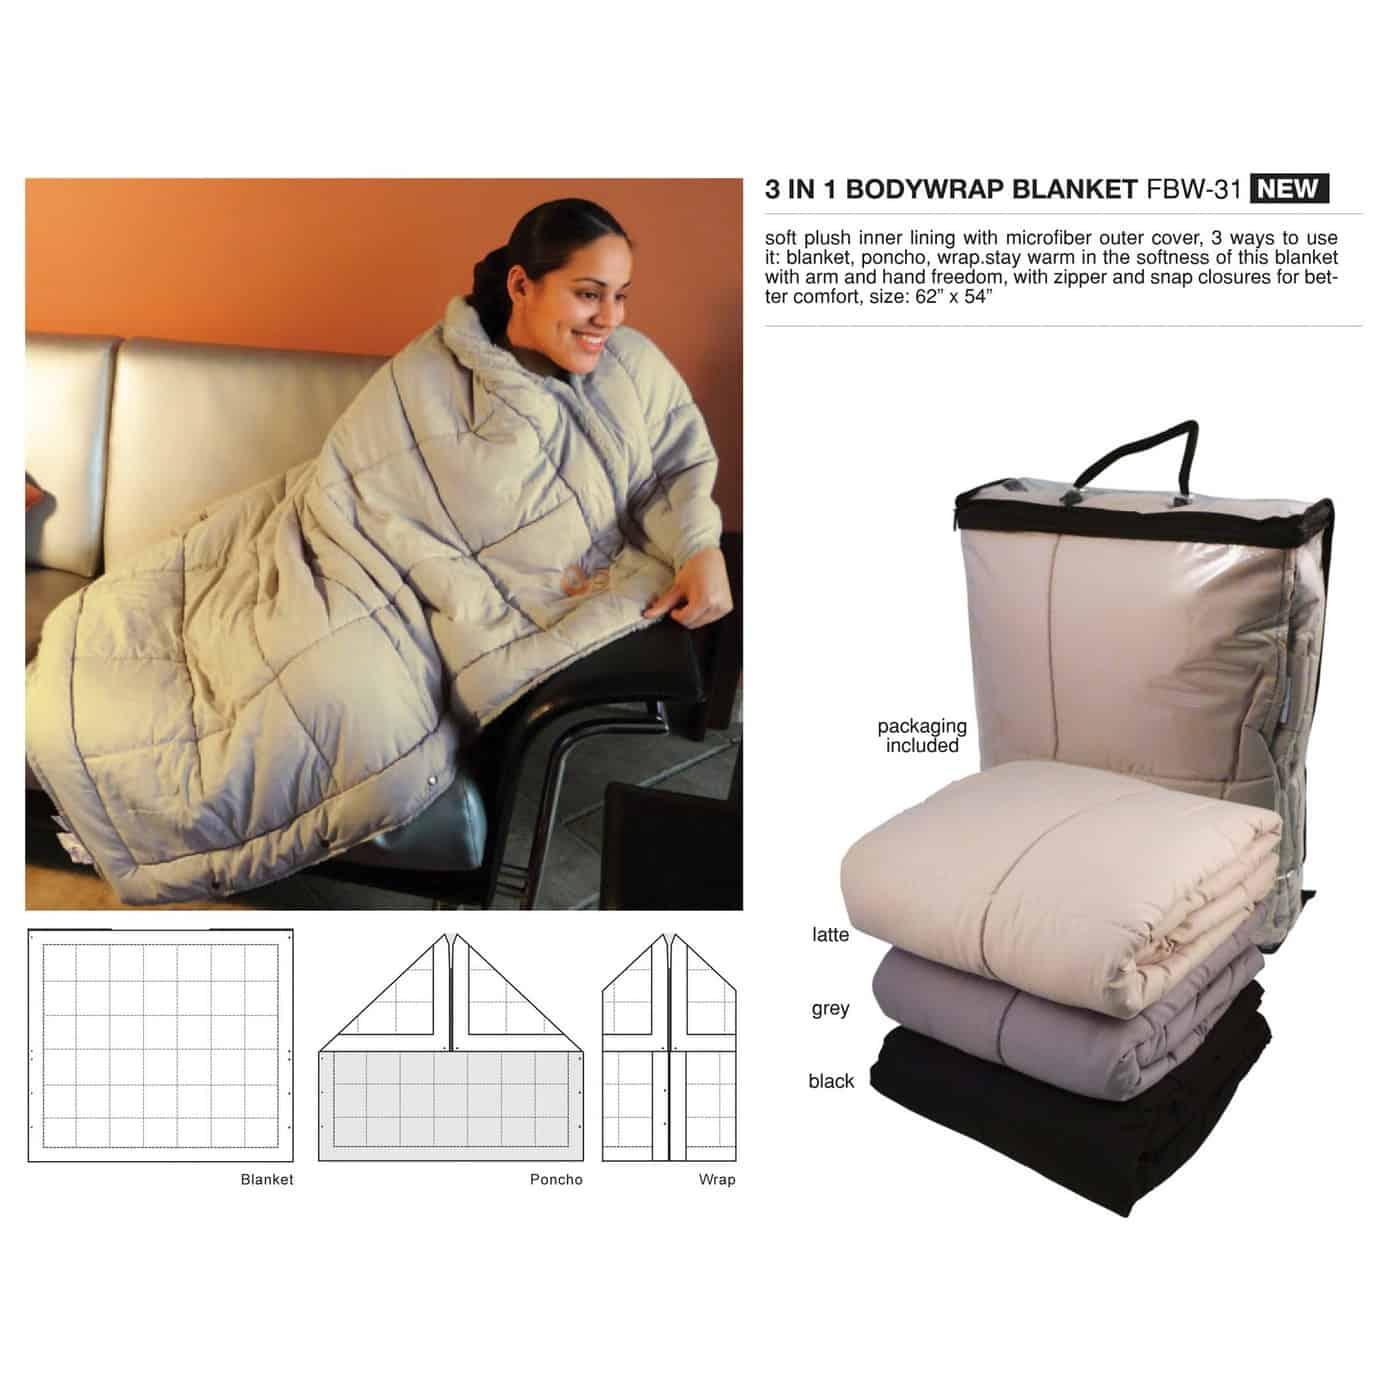 3 In 1 Bodywrap Blanket